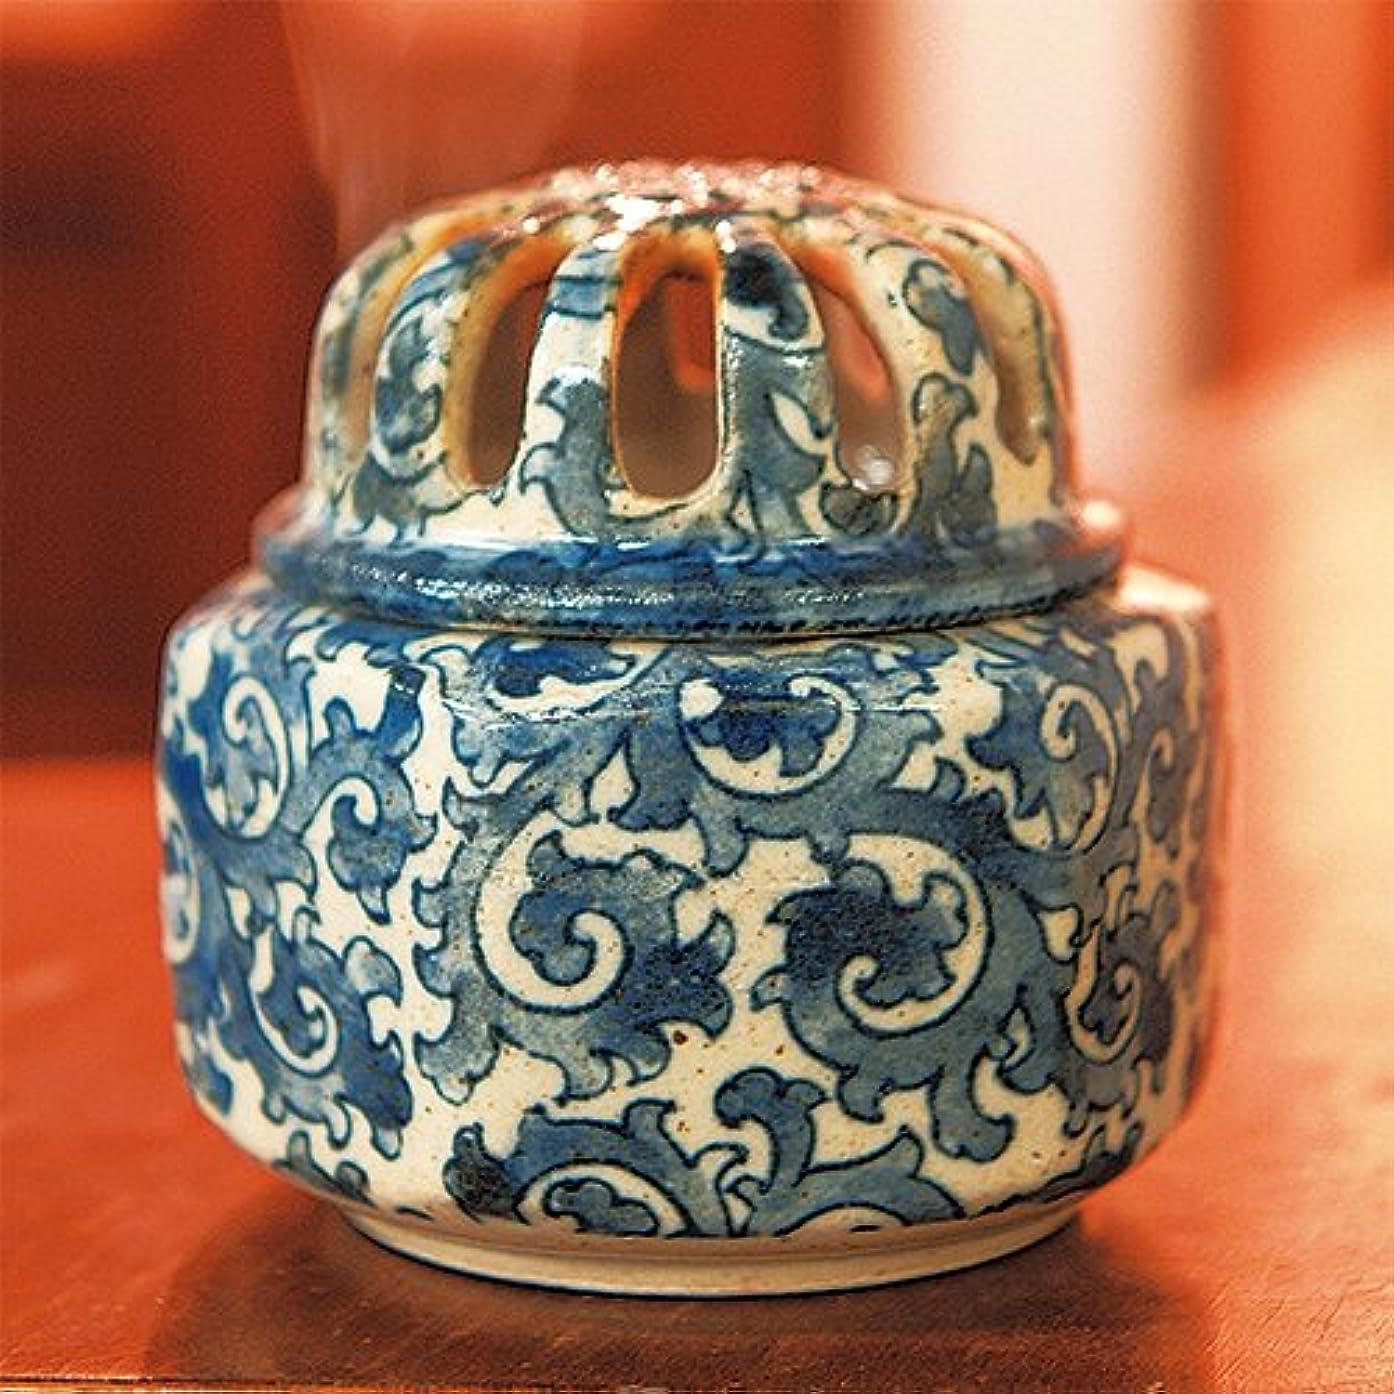 貼り直す厄介な推定する香炉 土物 タコ唐草 福香炉 [R8.8xH8.7cm] プレゼント ギフト 和食器 かわいい インテリア